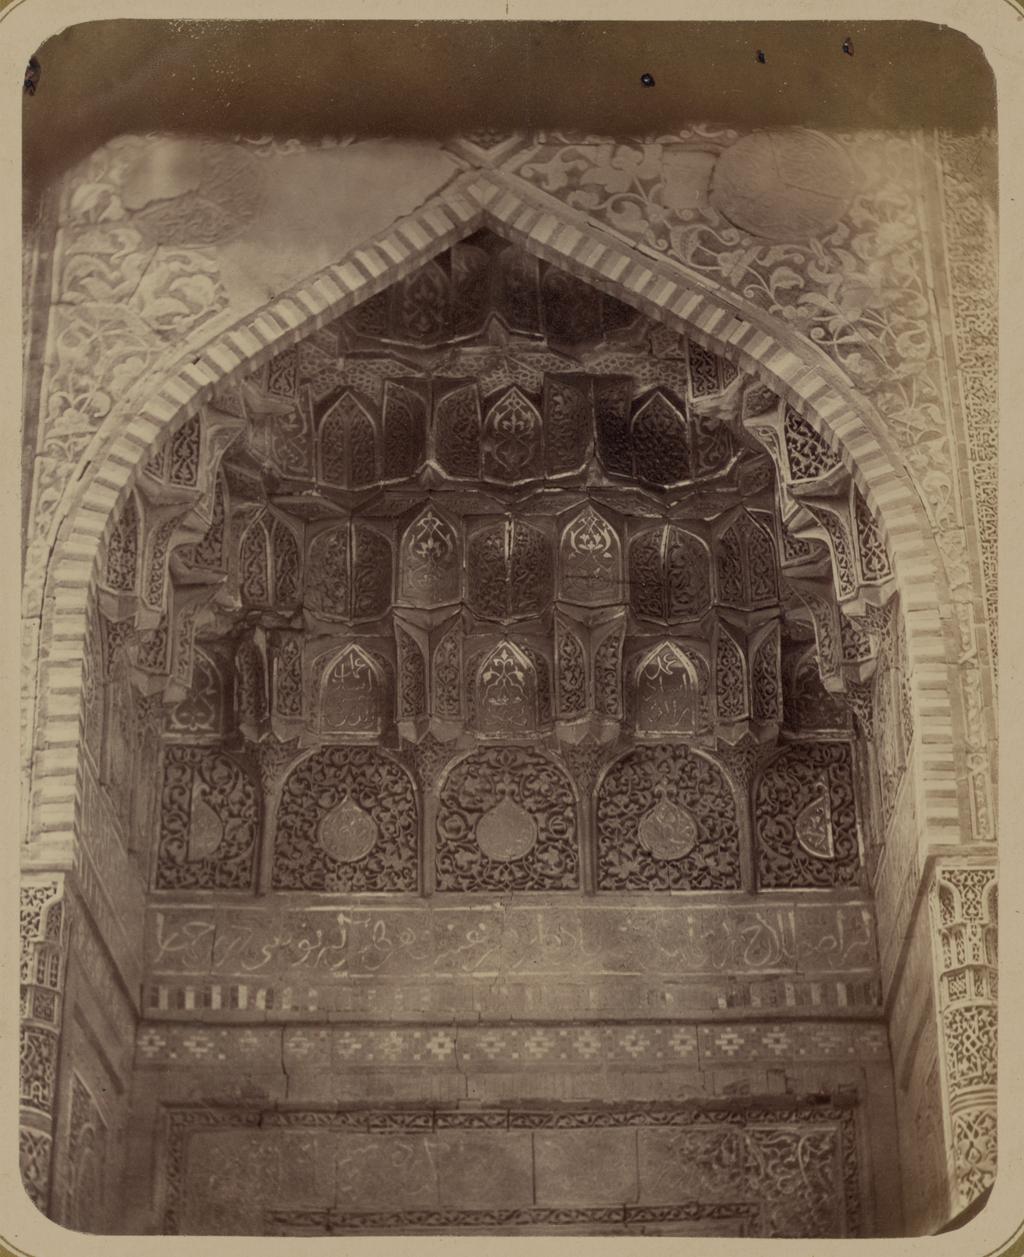 Мавзолей эмира Кутулука Турди Бека Ака. Деталь верхней части входной арки